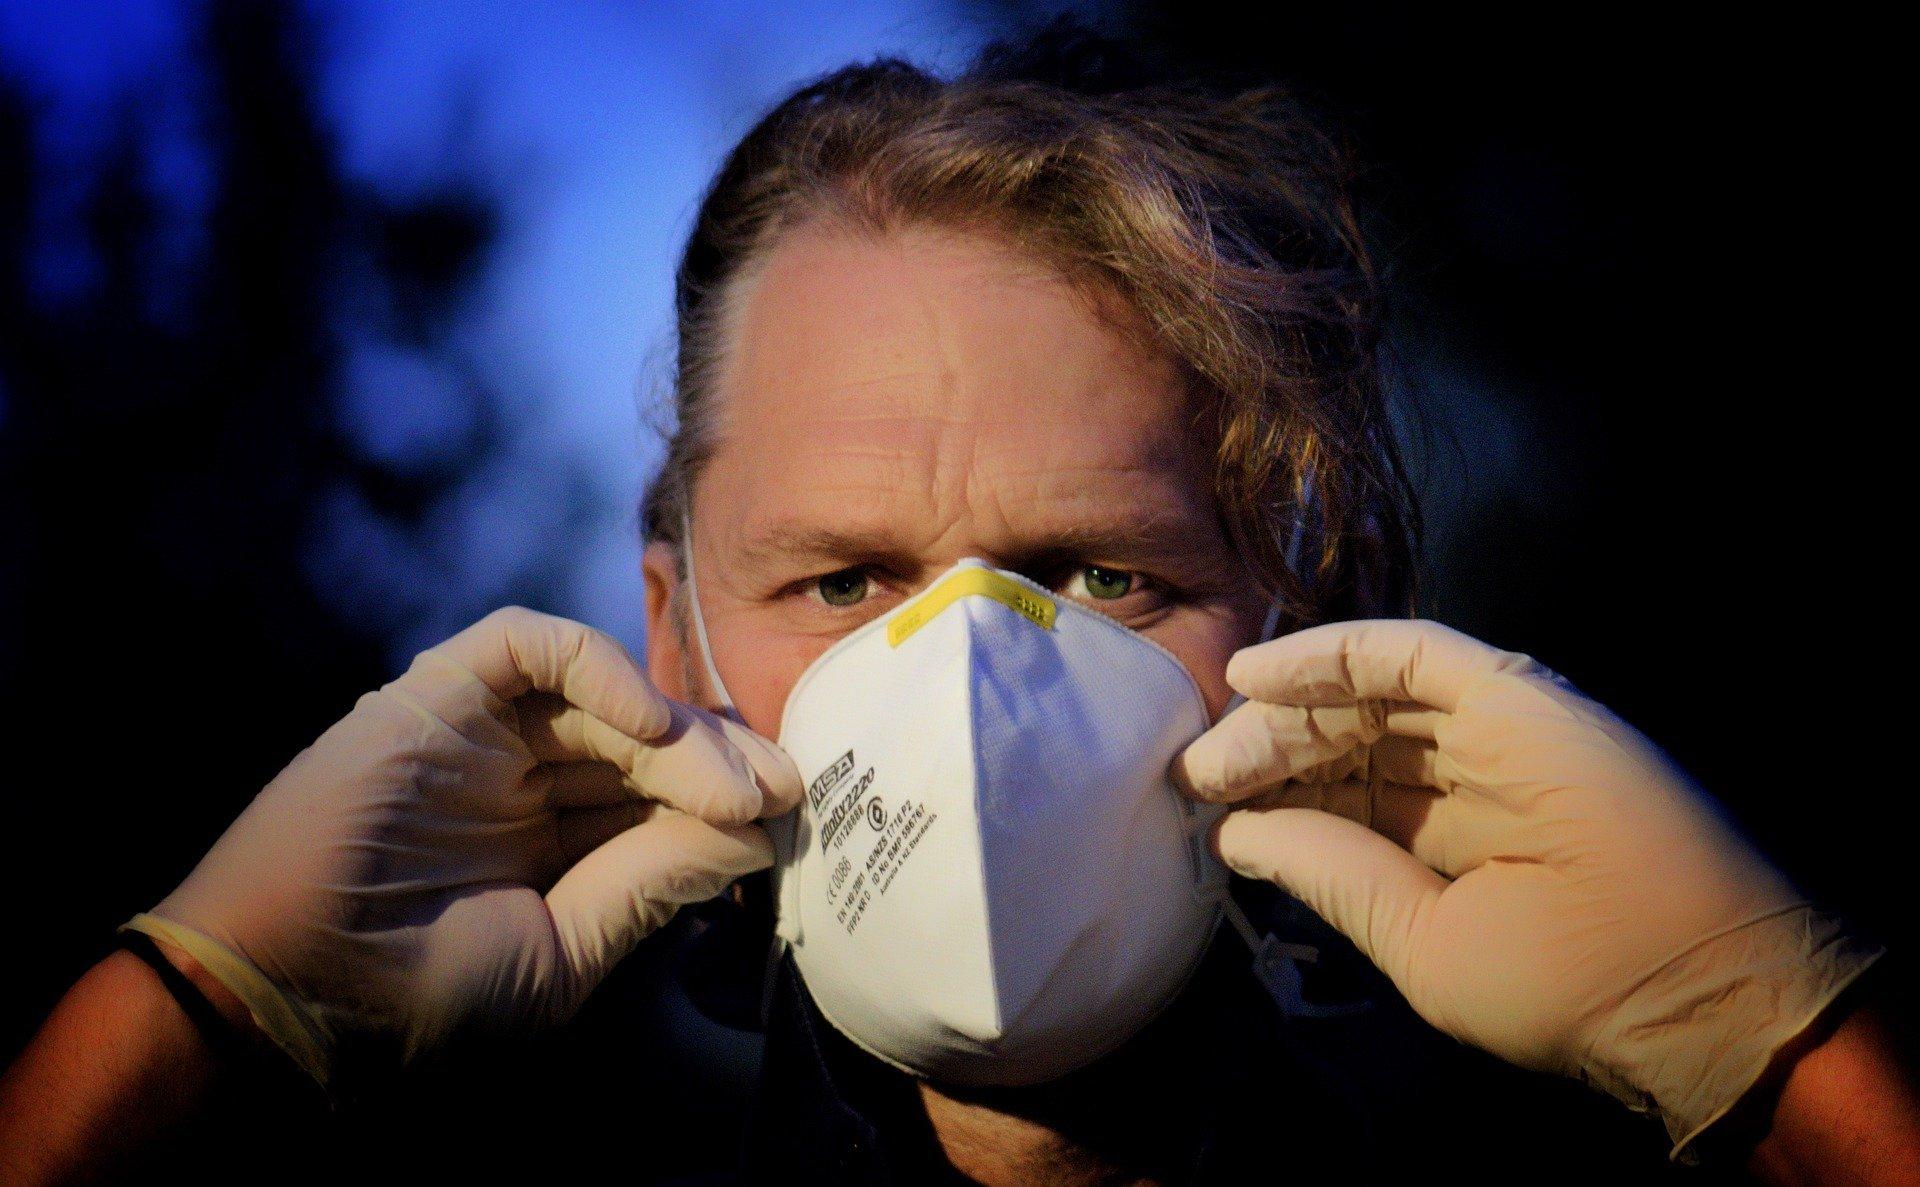 masque-facial-sanitaire